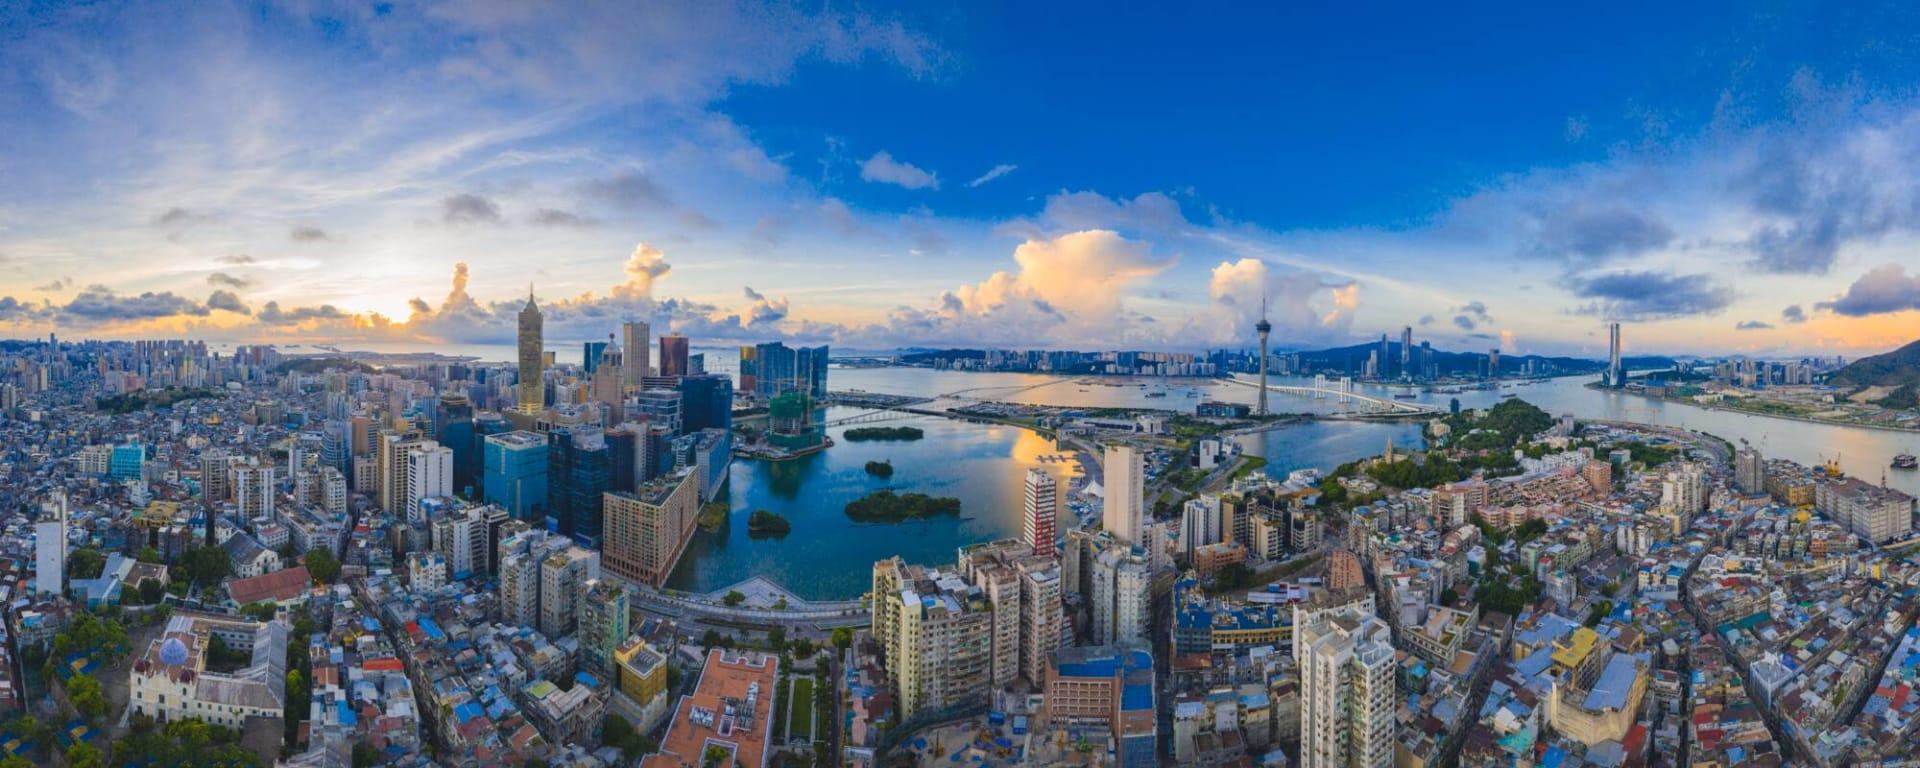 Macau entdecken mit Tischler Reisen: Macau City Panorama